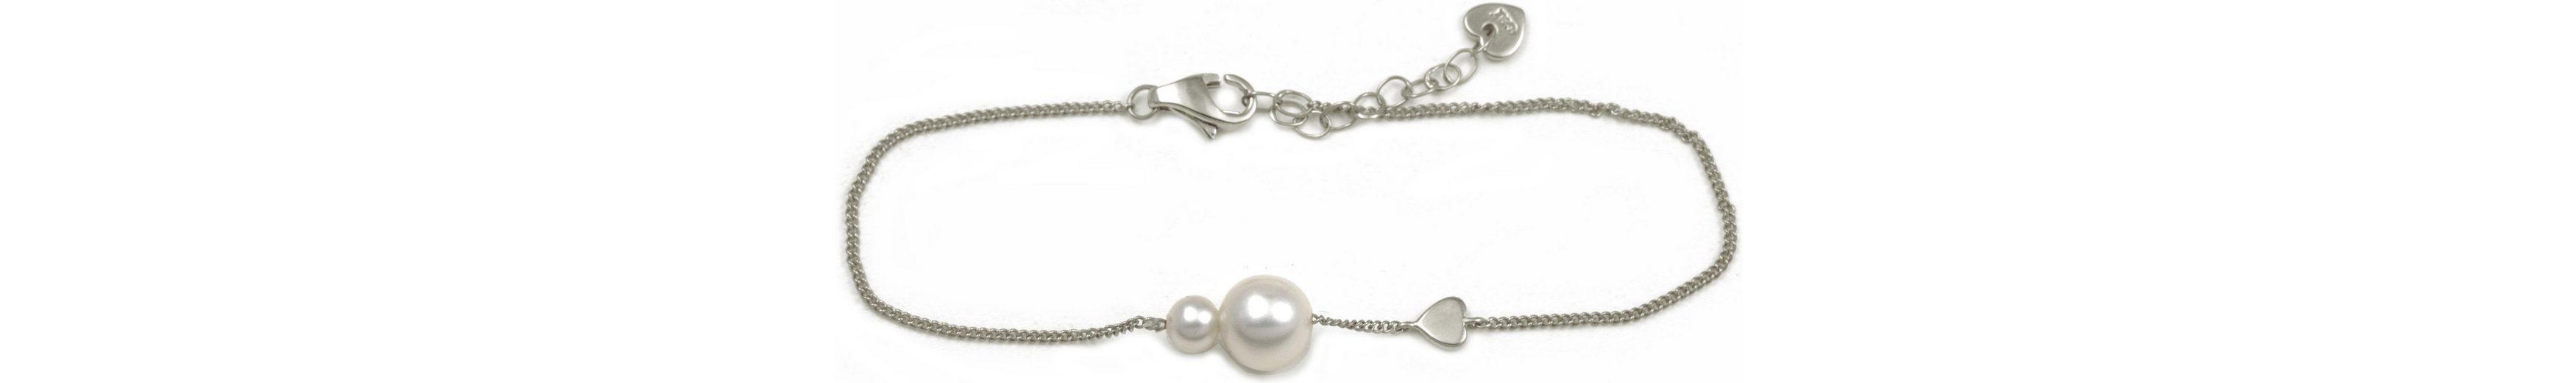 CAÏ Armband »Pearl Love, C7166B/90/46/16+3« mit Süßwasserzuchtperle